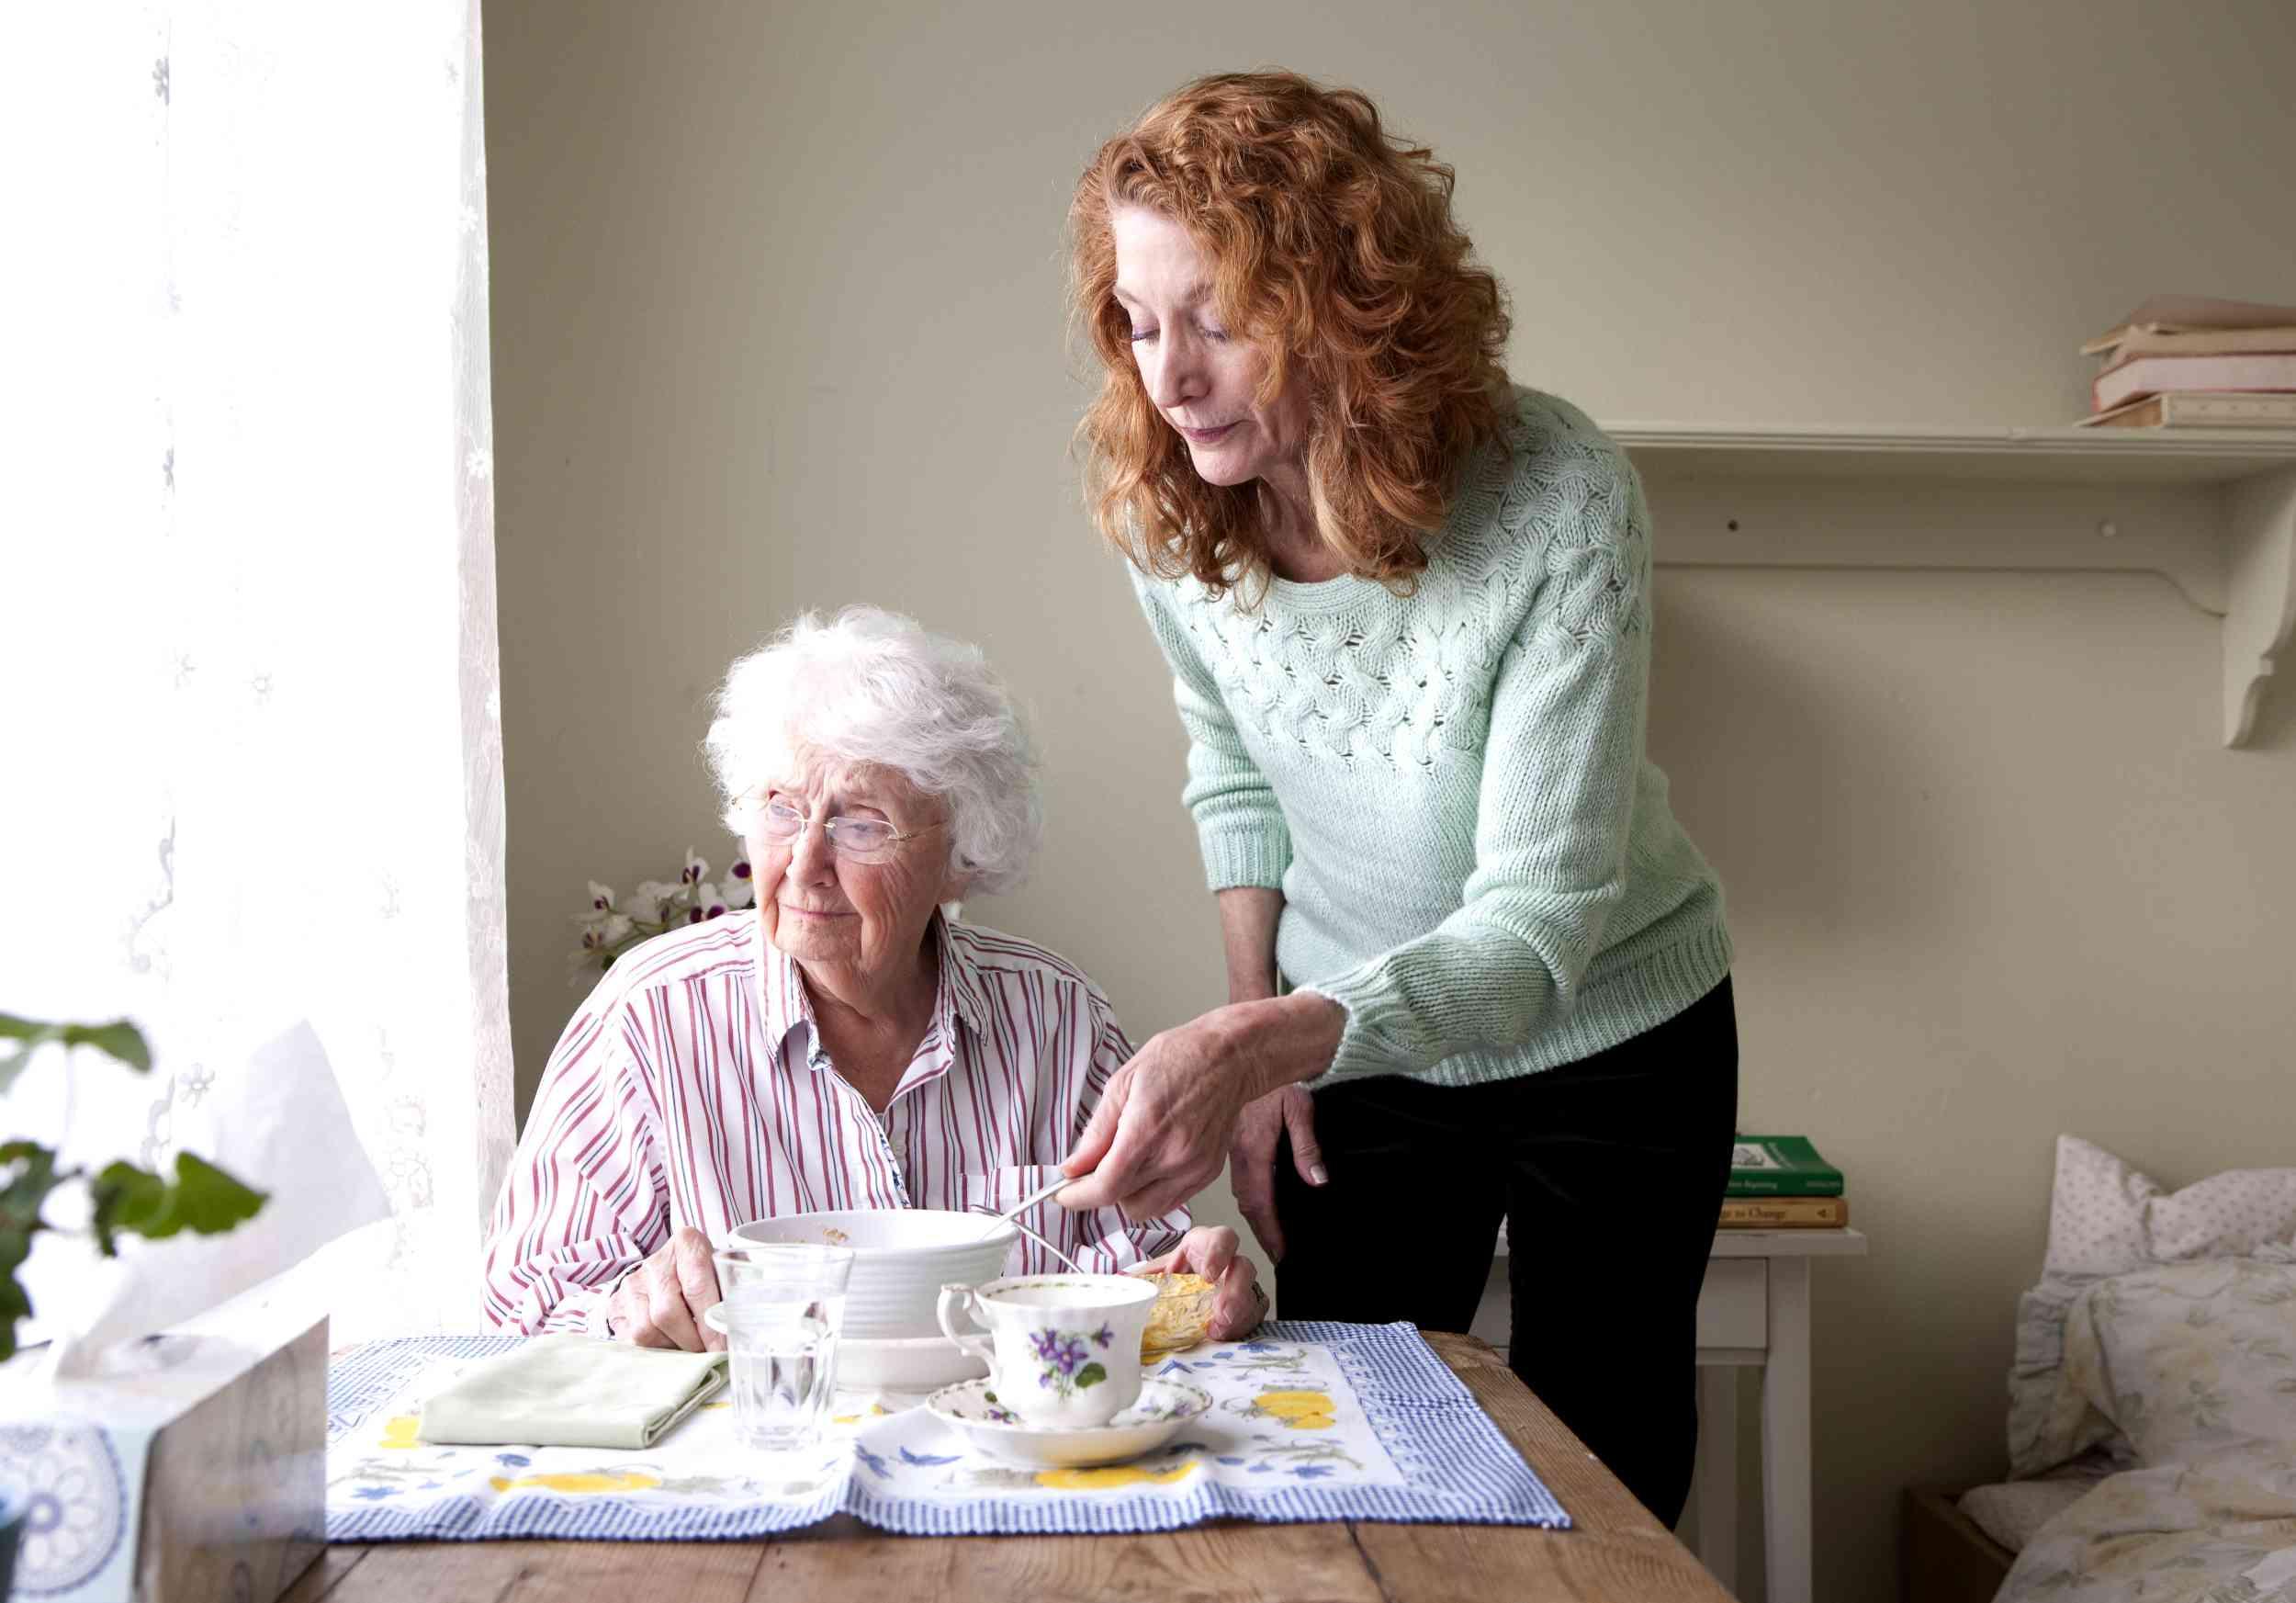 Woman feeding older woman